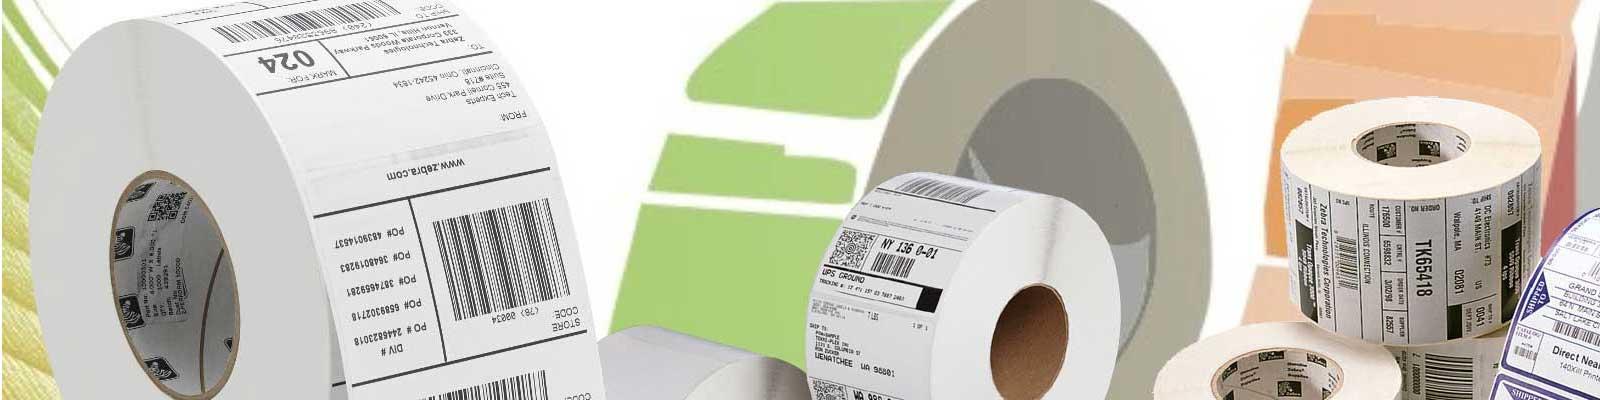 Etiquetas Impresoras Cab